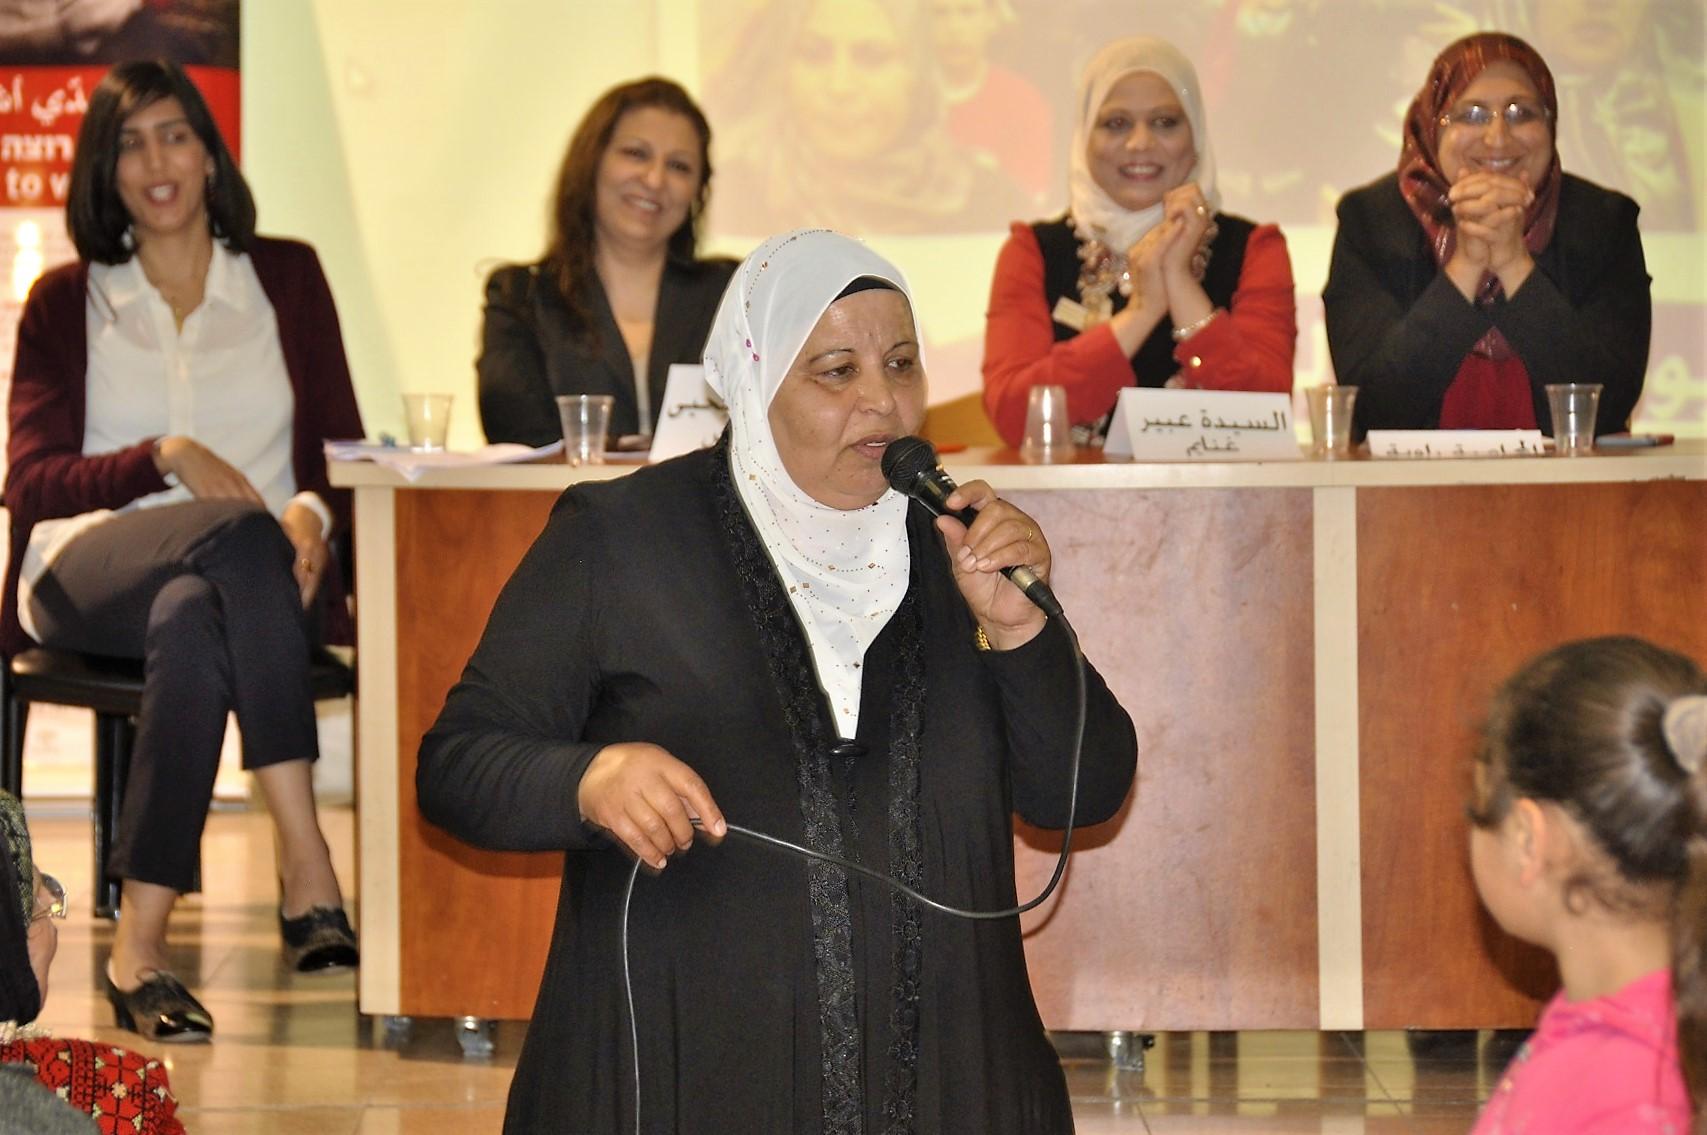 Folk singer Maria Abu Wasel